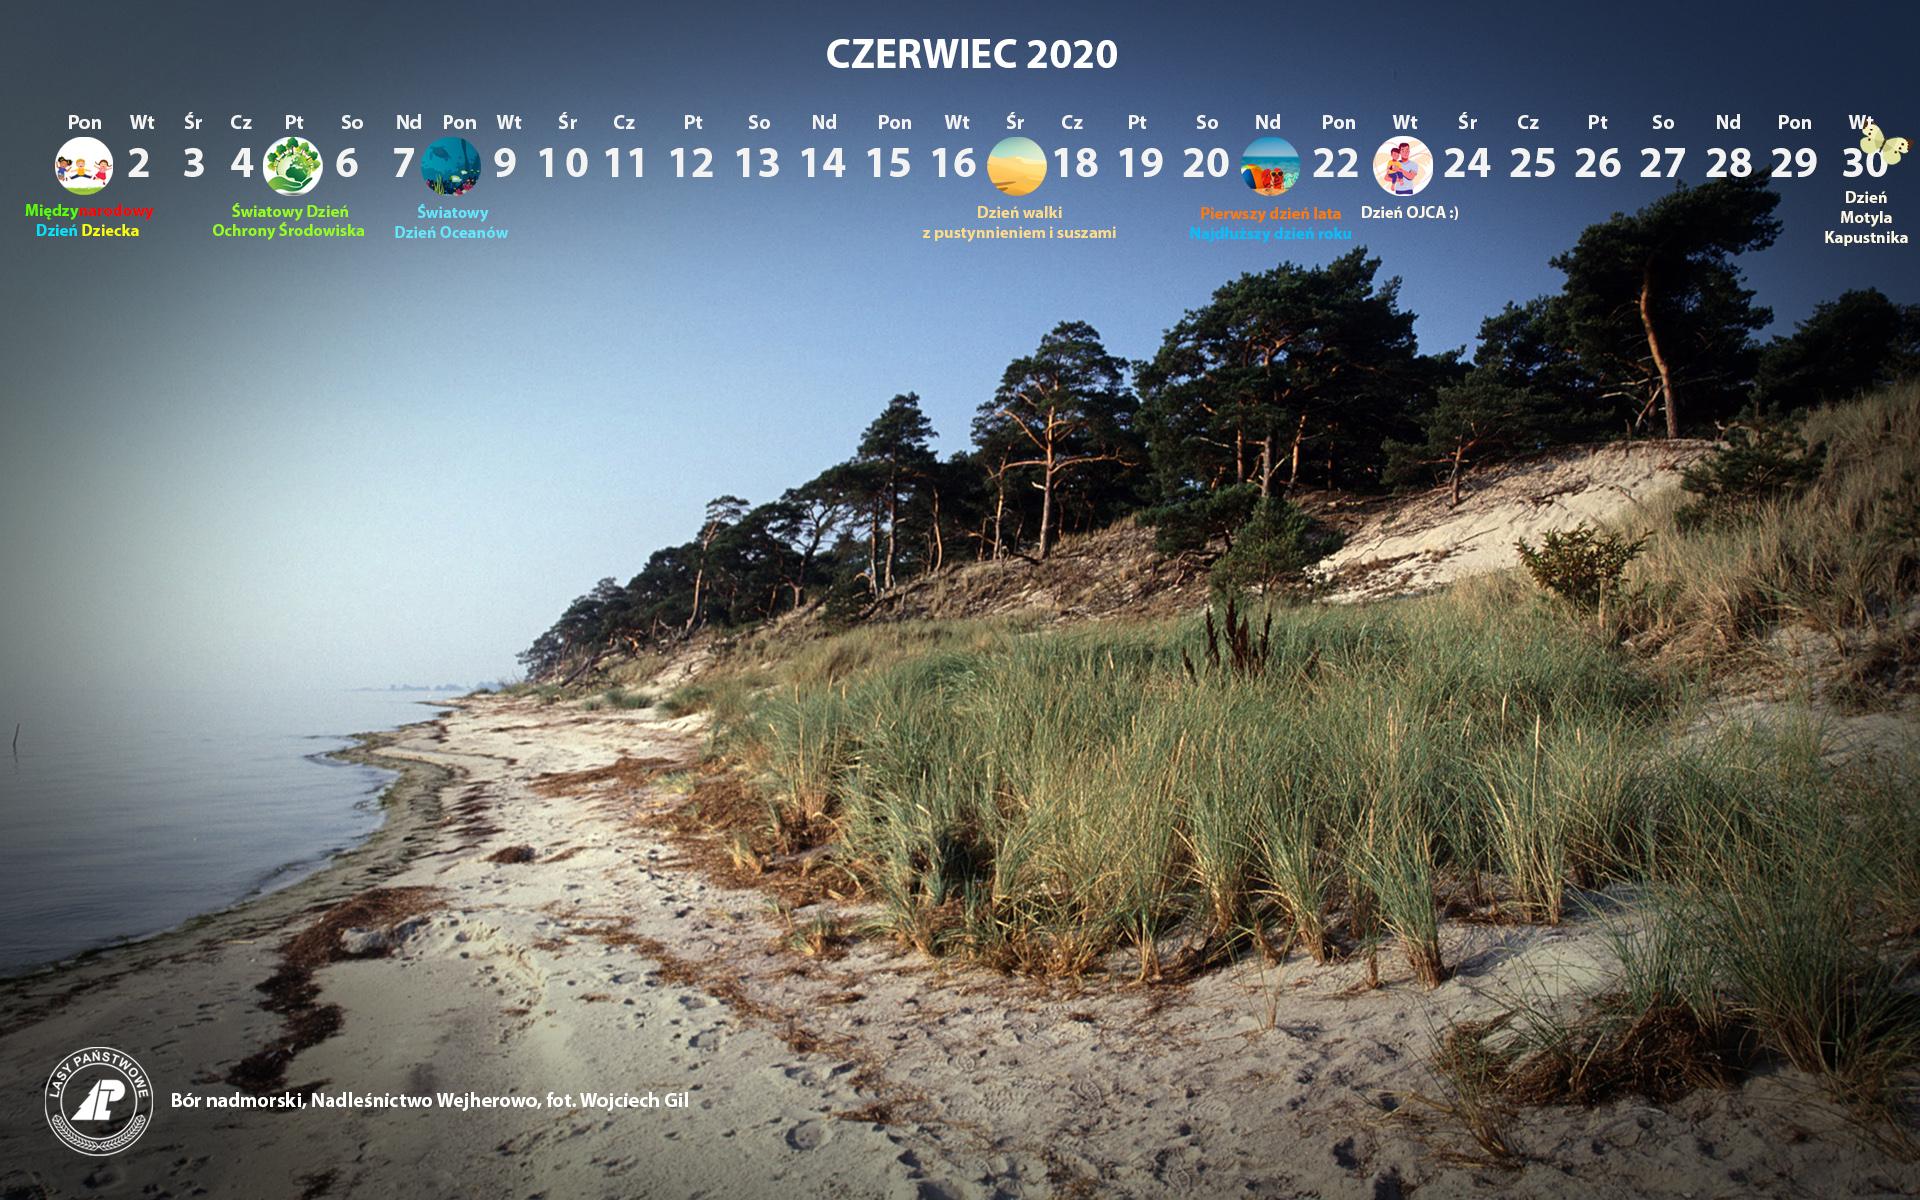 Kalendarz czerwiec 2020 1920x1200.jpg